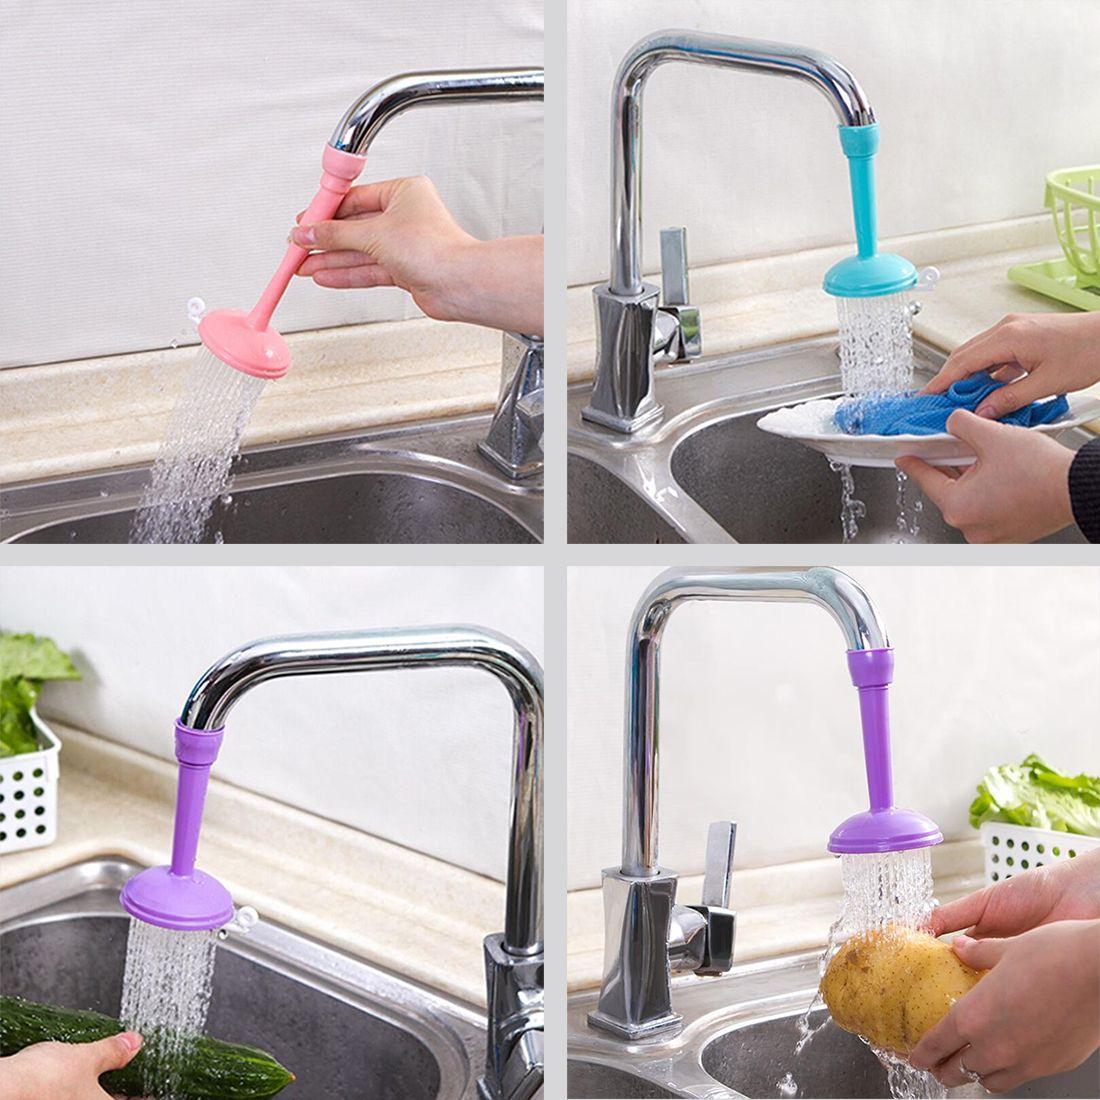 Bath Shower Water-saving Tap Splash Head Nozzle Faucet Regulator Shower Faucet Z